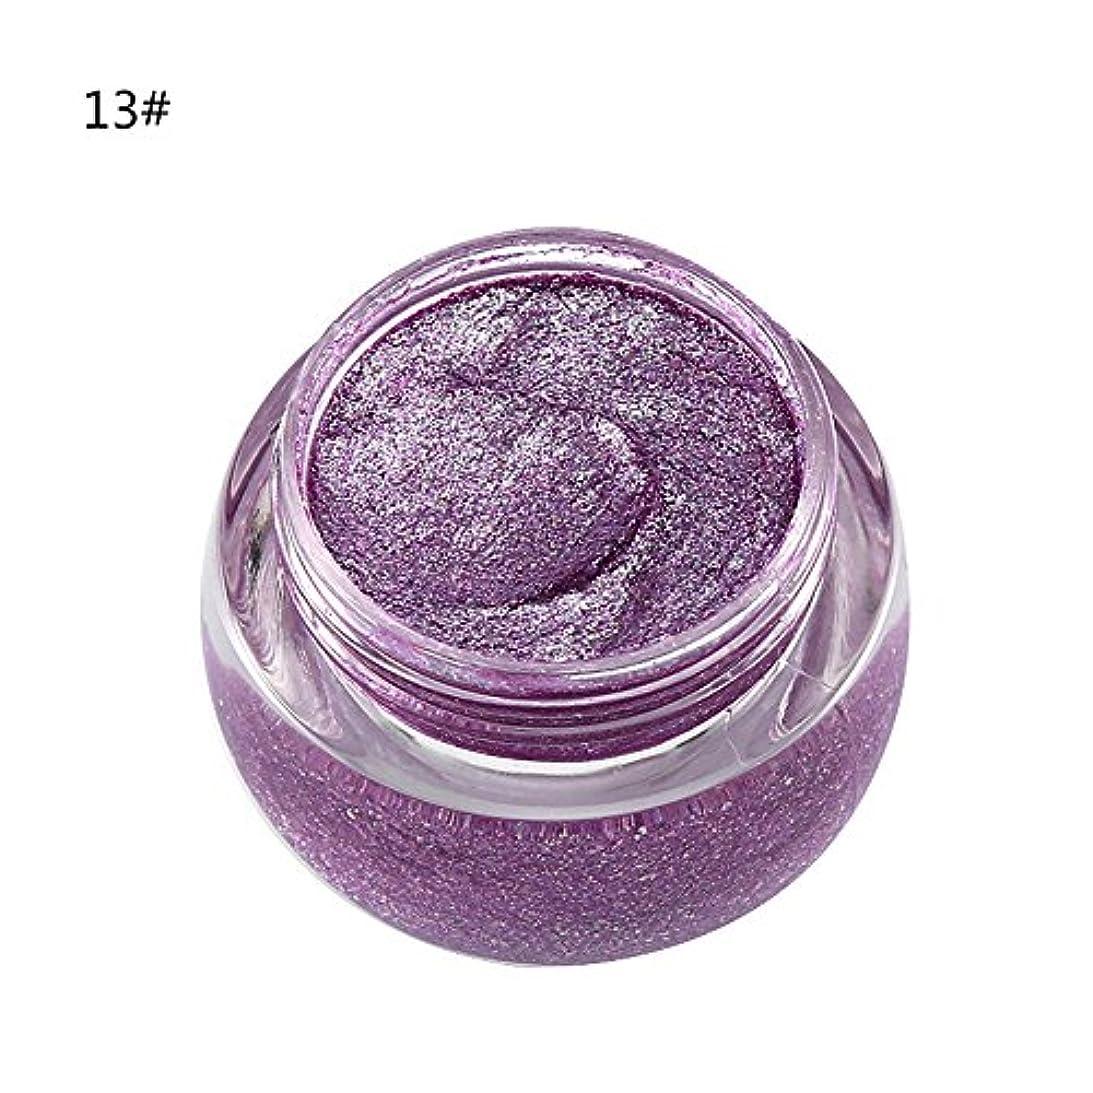 相互接続便益トロピカルアイシャドウ 単色 化粧品 光沢 保湿 キラキラ 美しい タイプ 13